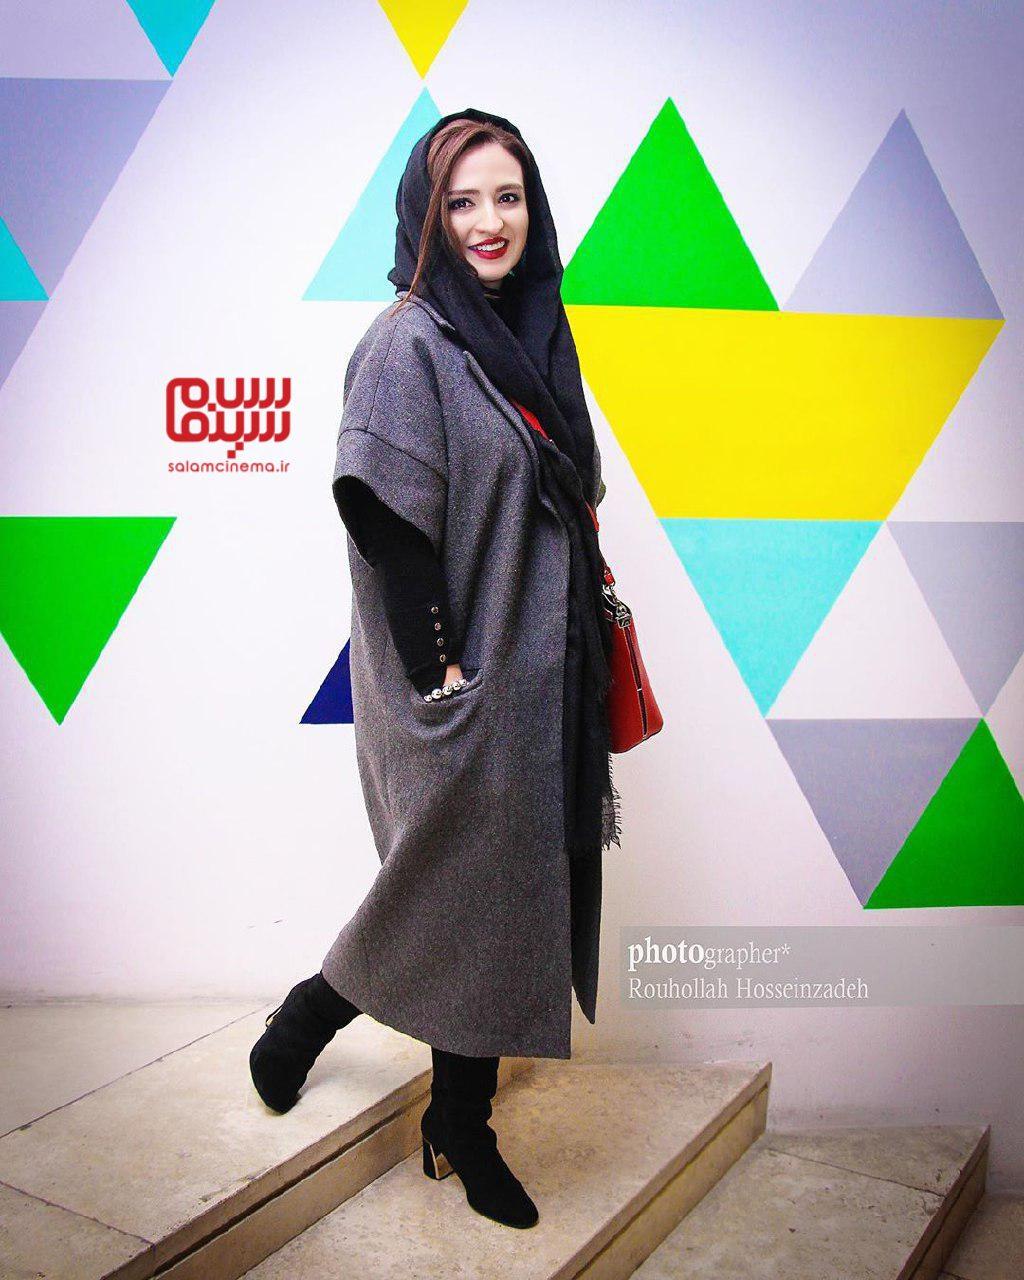 گلاره عباسی - اکران خصوصی فیلم «خداحافظ دختر شیرازی»-گزارش تصویری